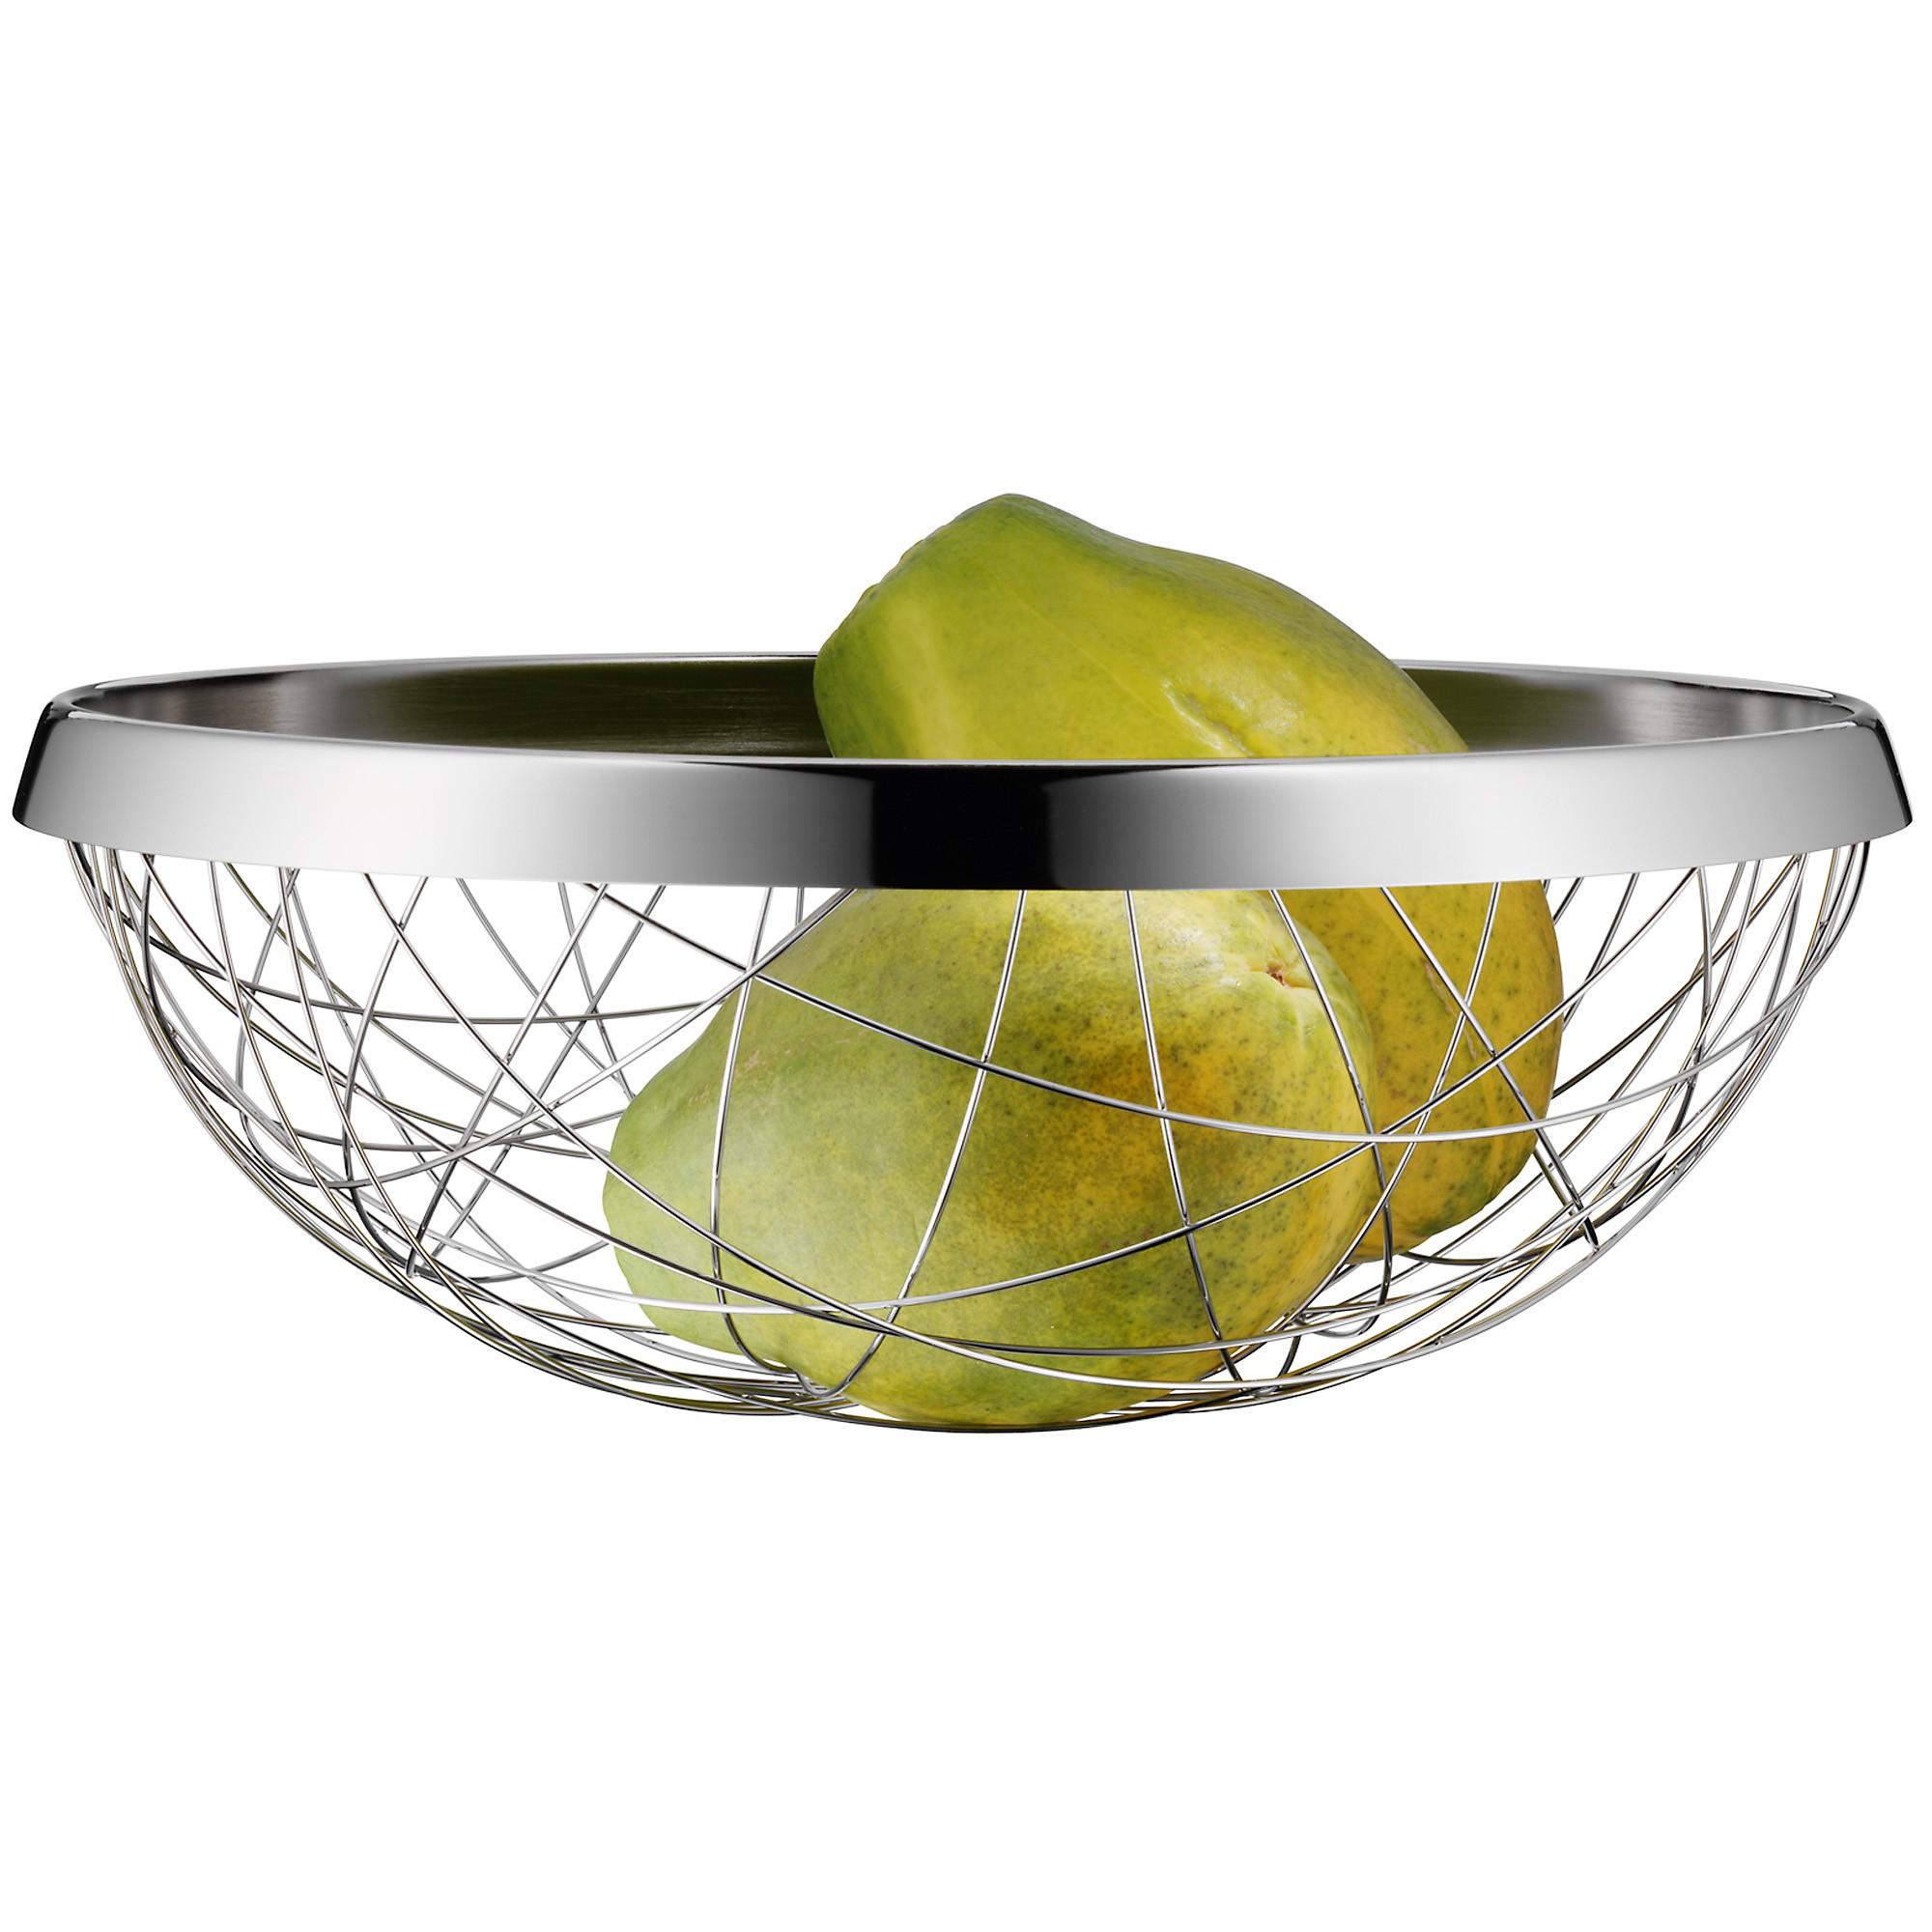 WMF Chaos Fruit Bowl